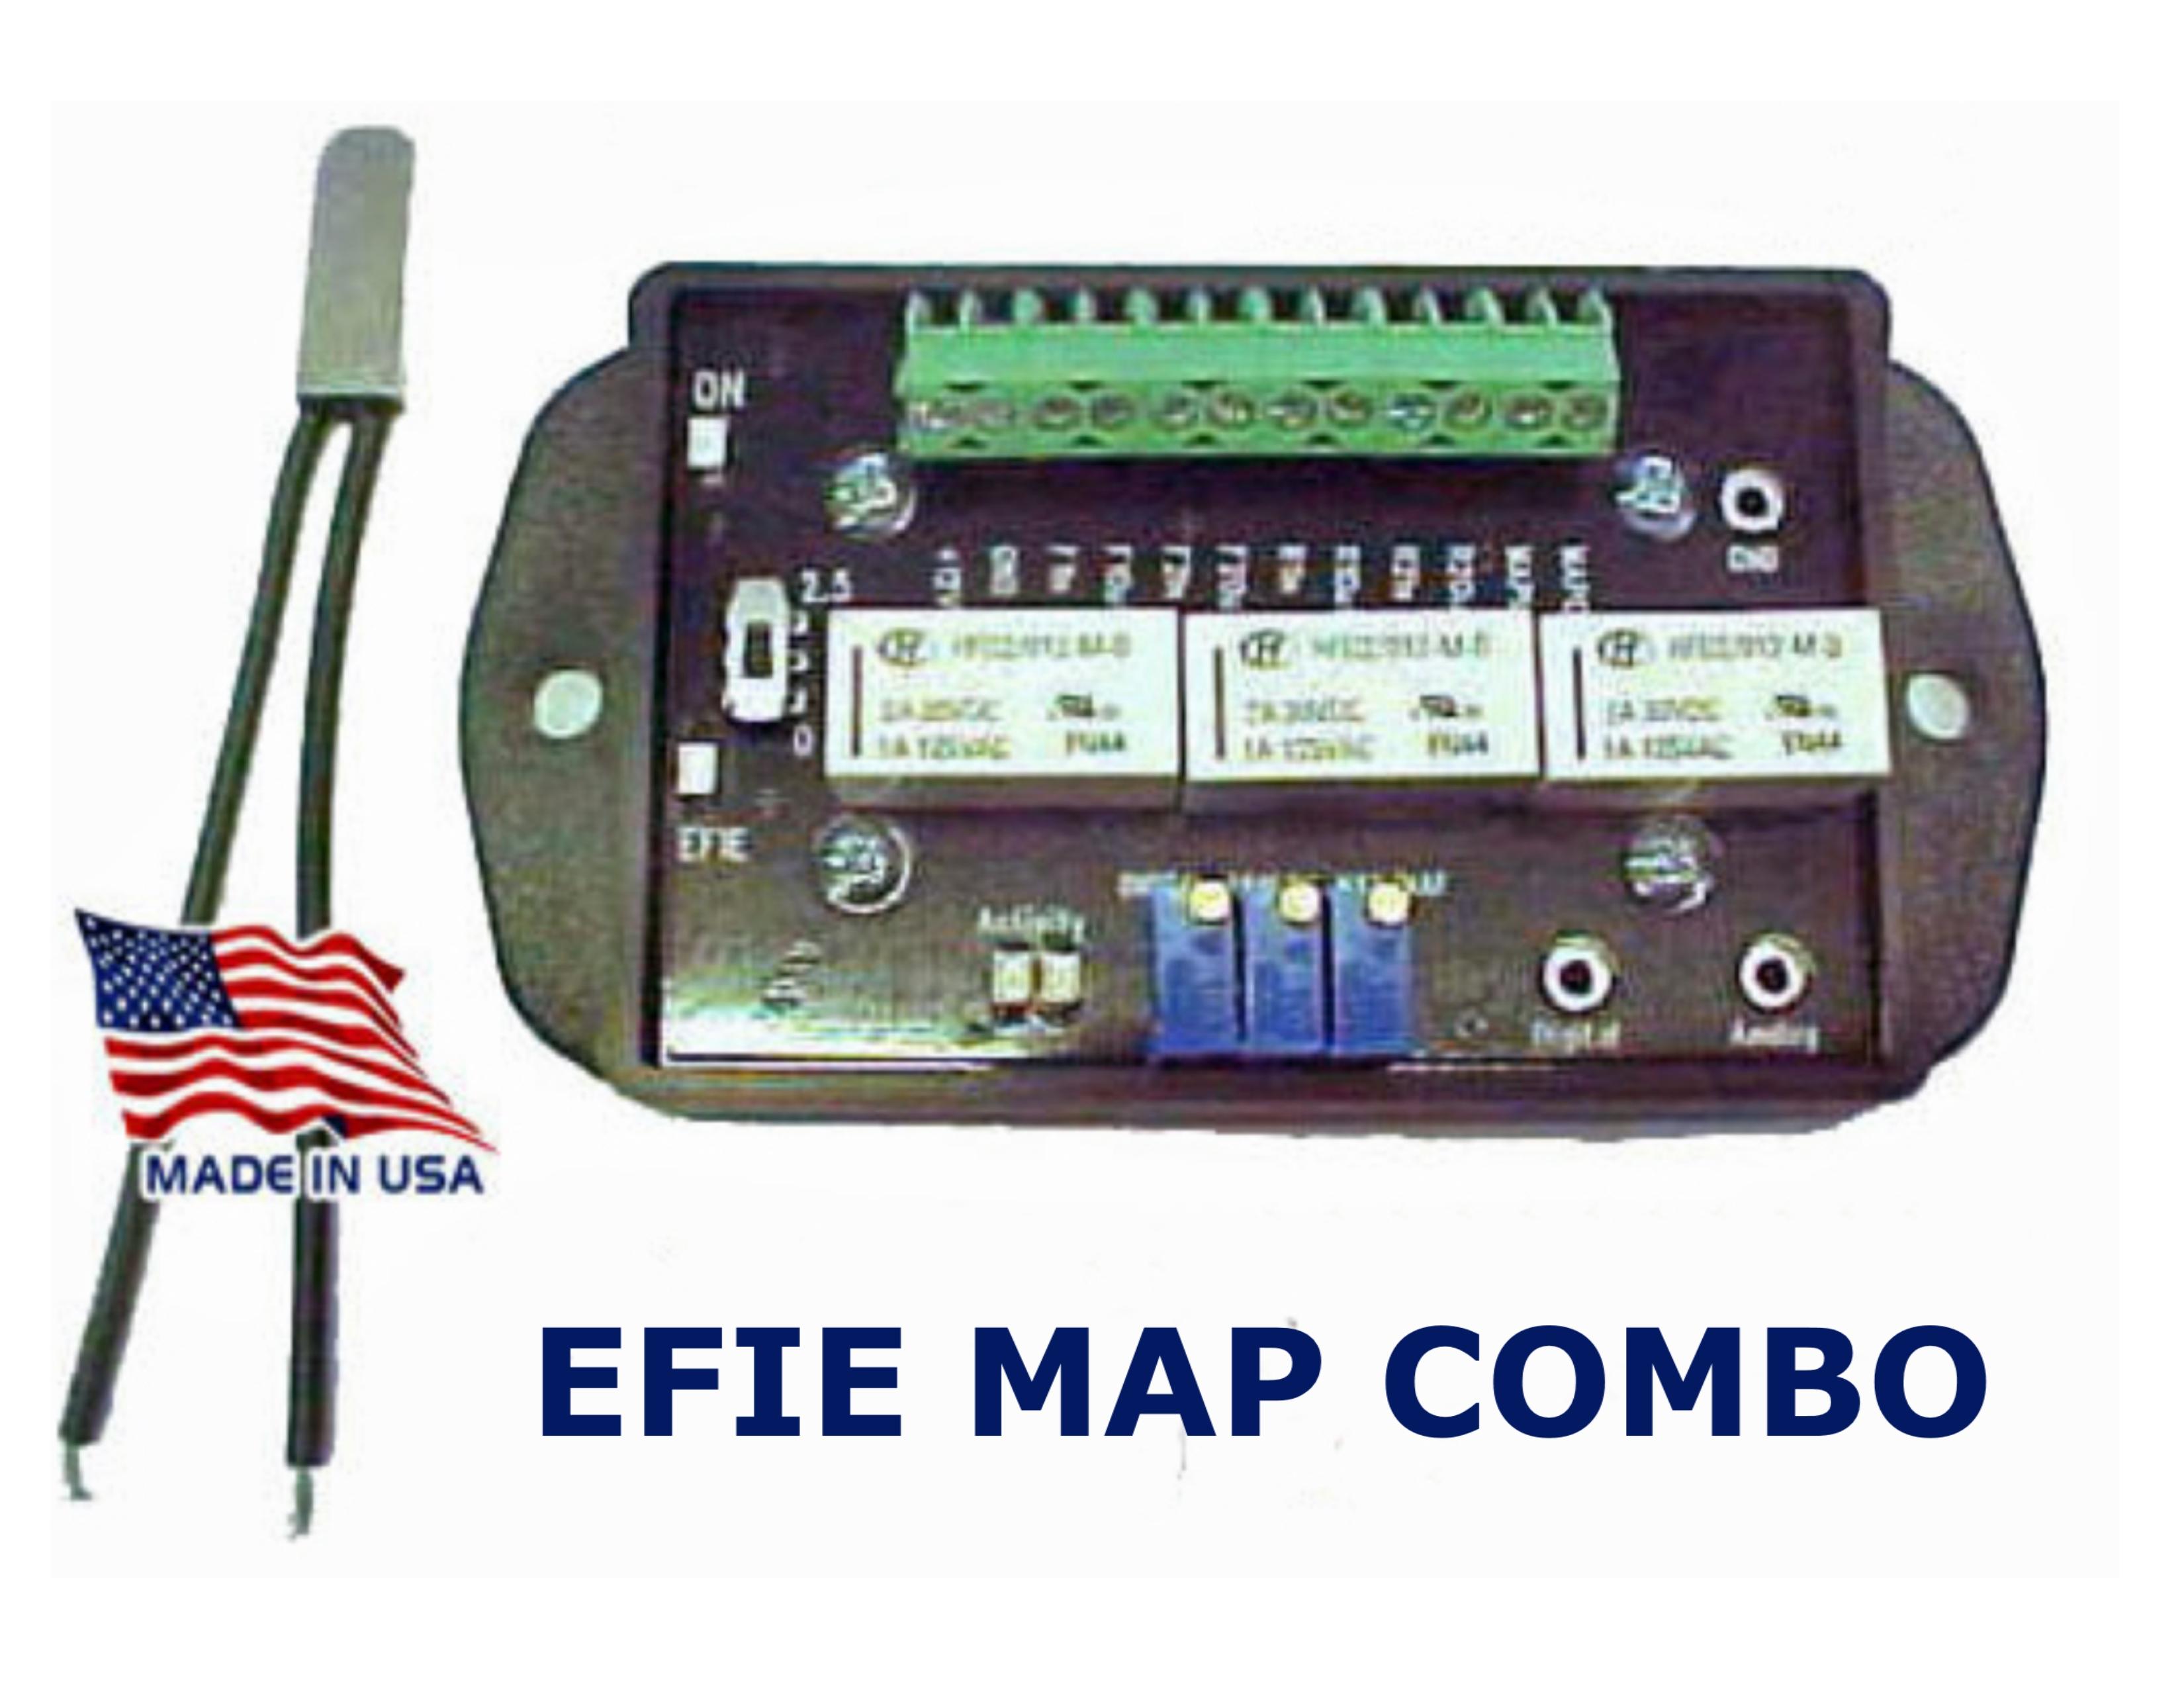 efie map combo